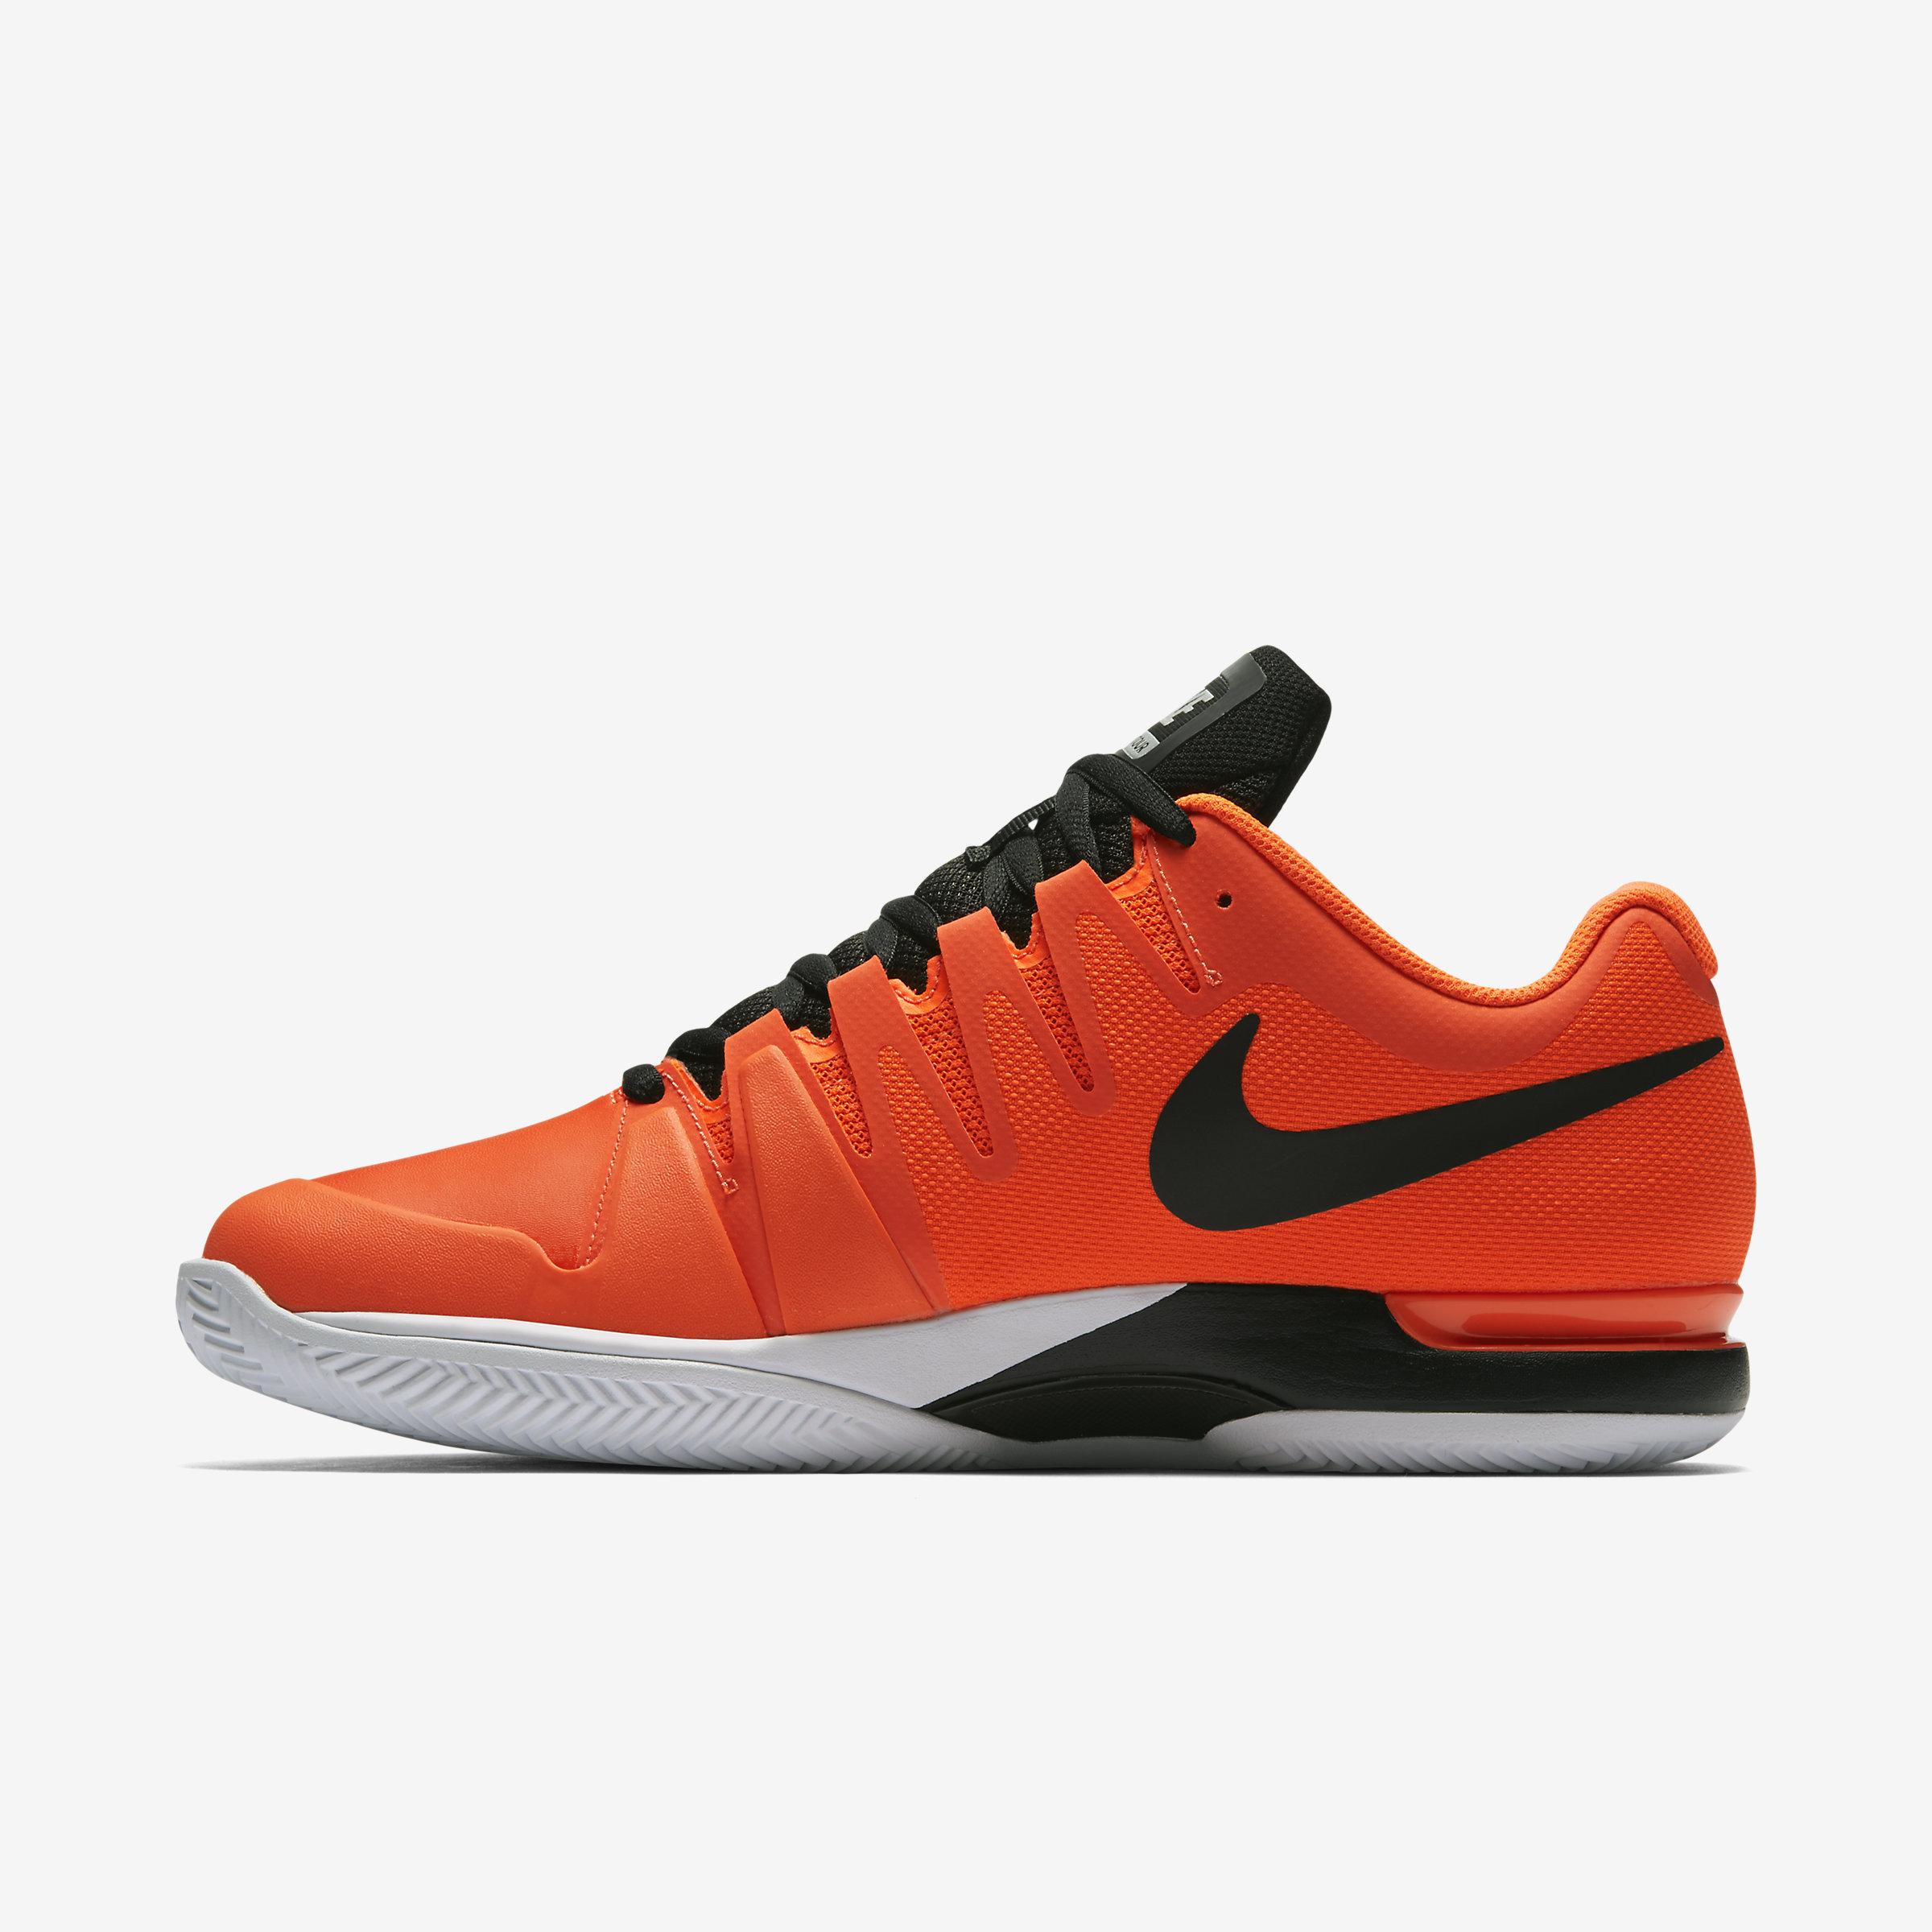 new product 021be 9d74a Nike Hypervenom Phantom Ii Ag-pro in Orange for Men - Lyst